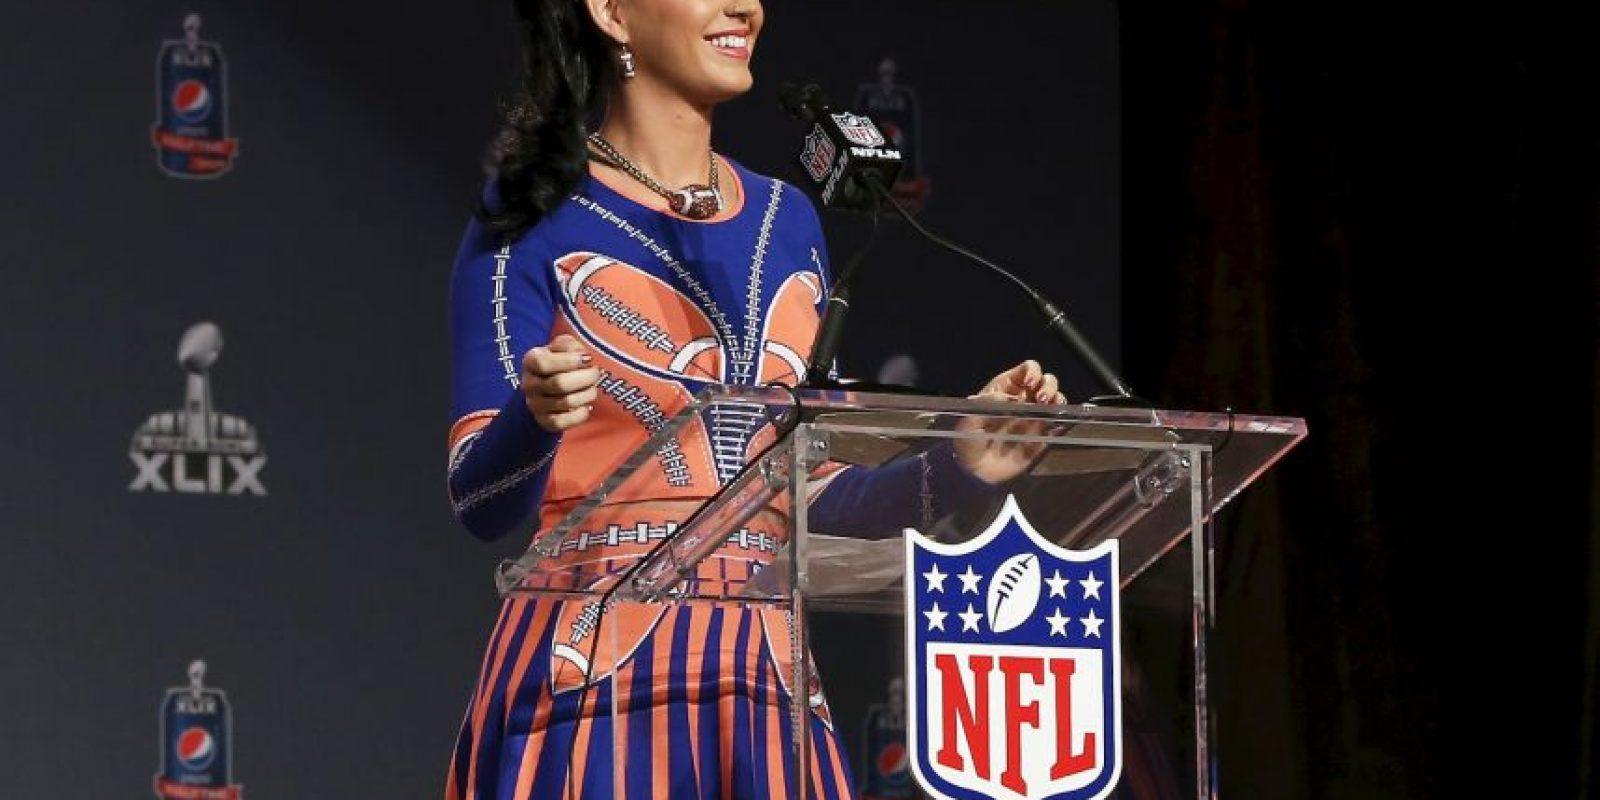 Así se presentó la cantante a la conferencia, antes de su presentación en el partido entre Patriotas y Nueva Inglaterra Foto:Getty